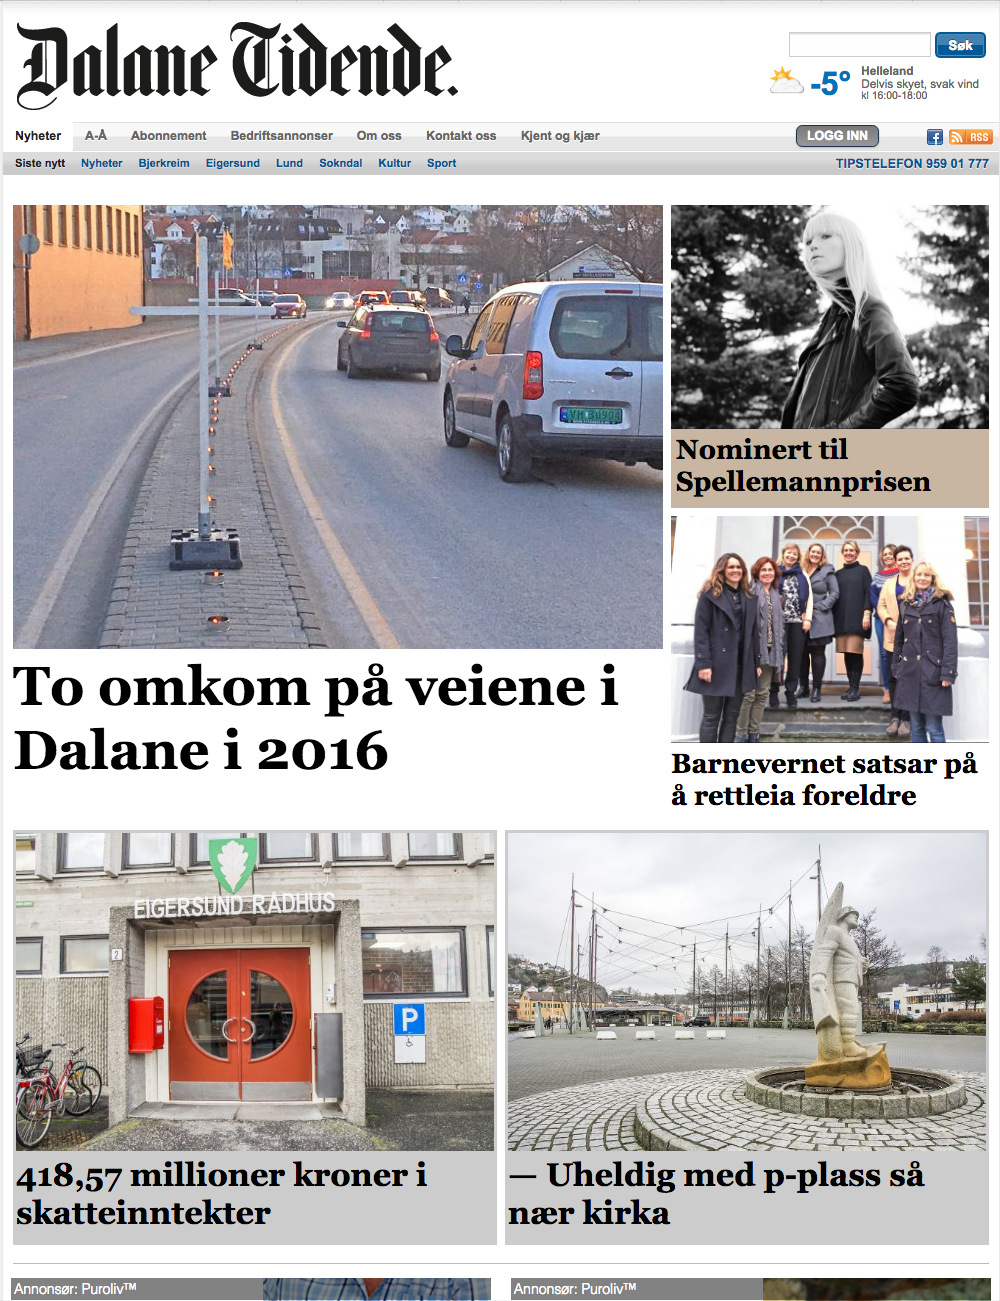 Dalane Tidende